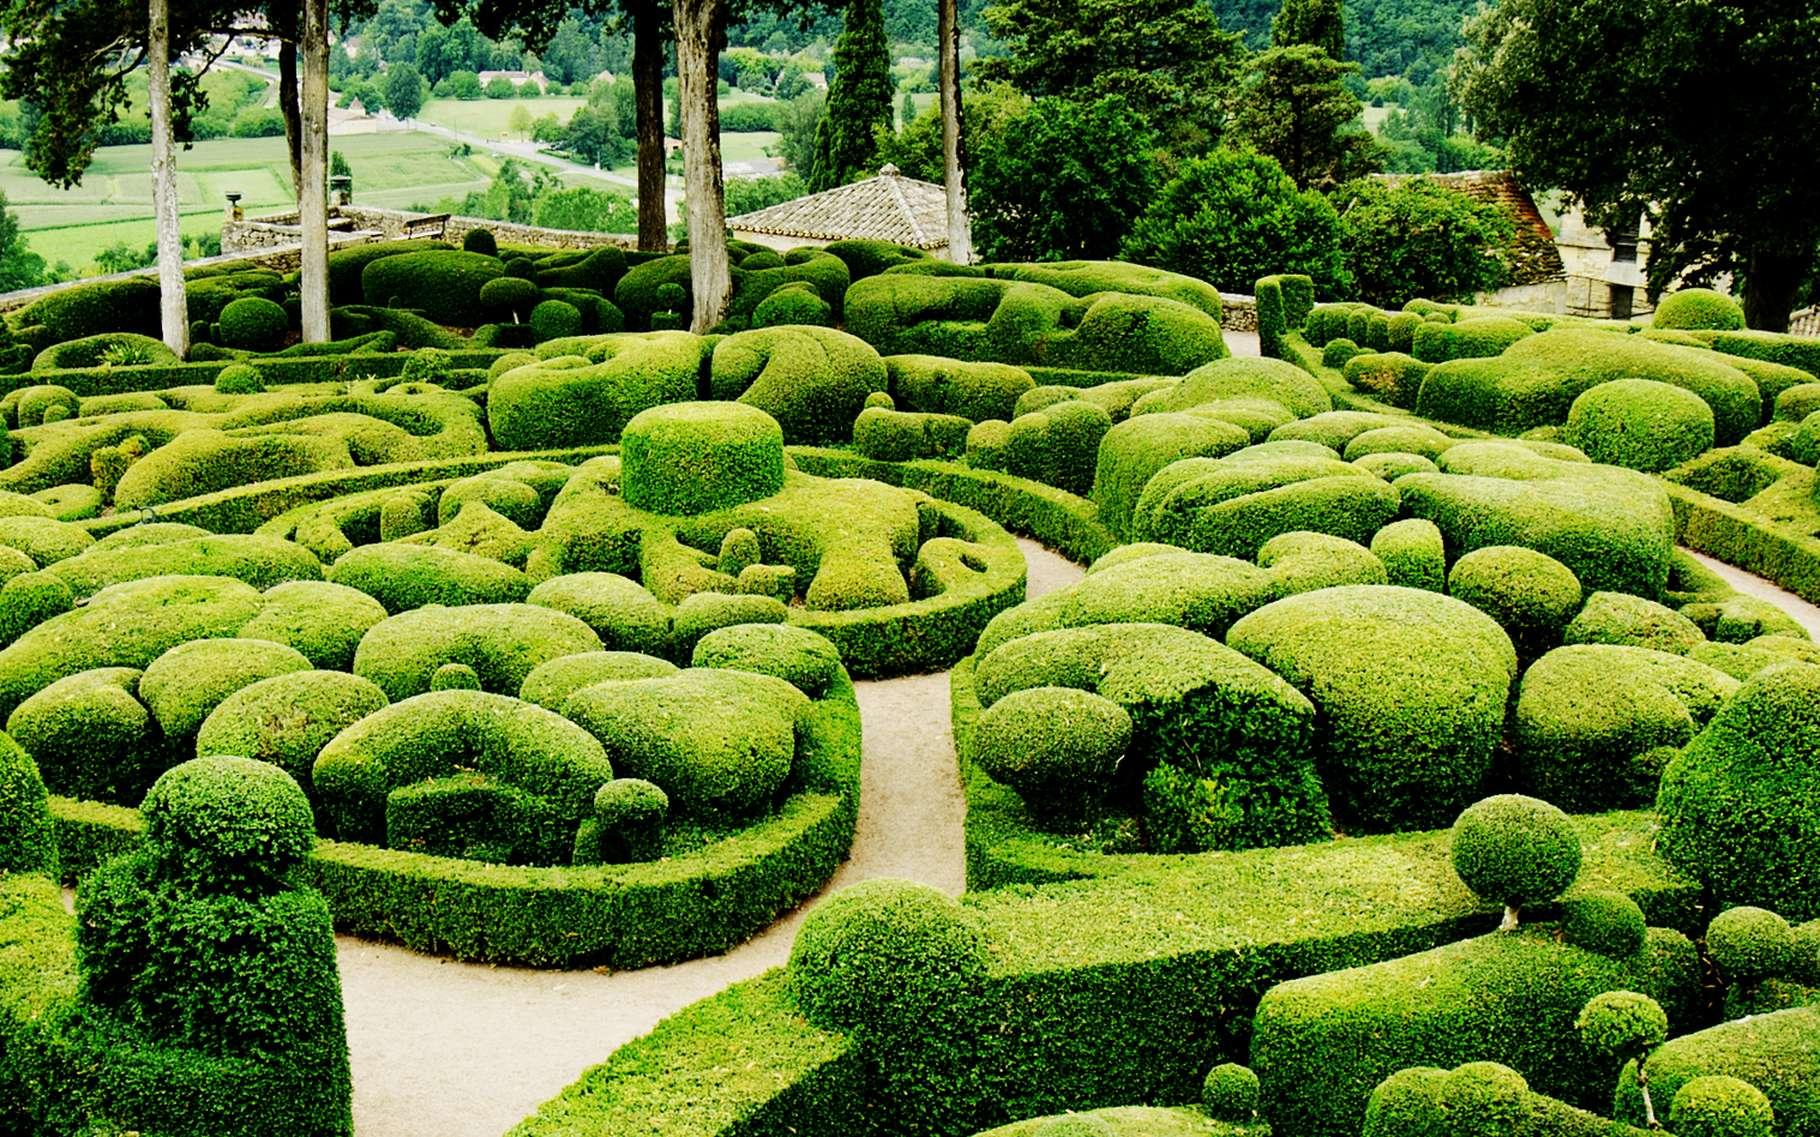 Sur les bords de la Dordogne, en plein Périgord, les jardins et le parc de Marqueyssac offrent l'occasion de belles promenades estivales. © DR